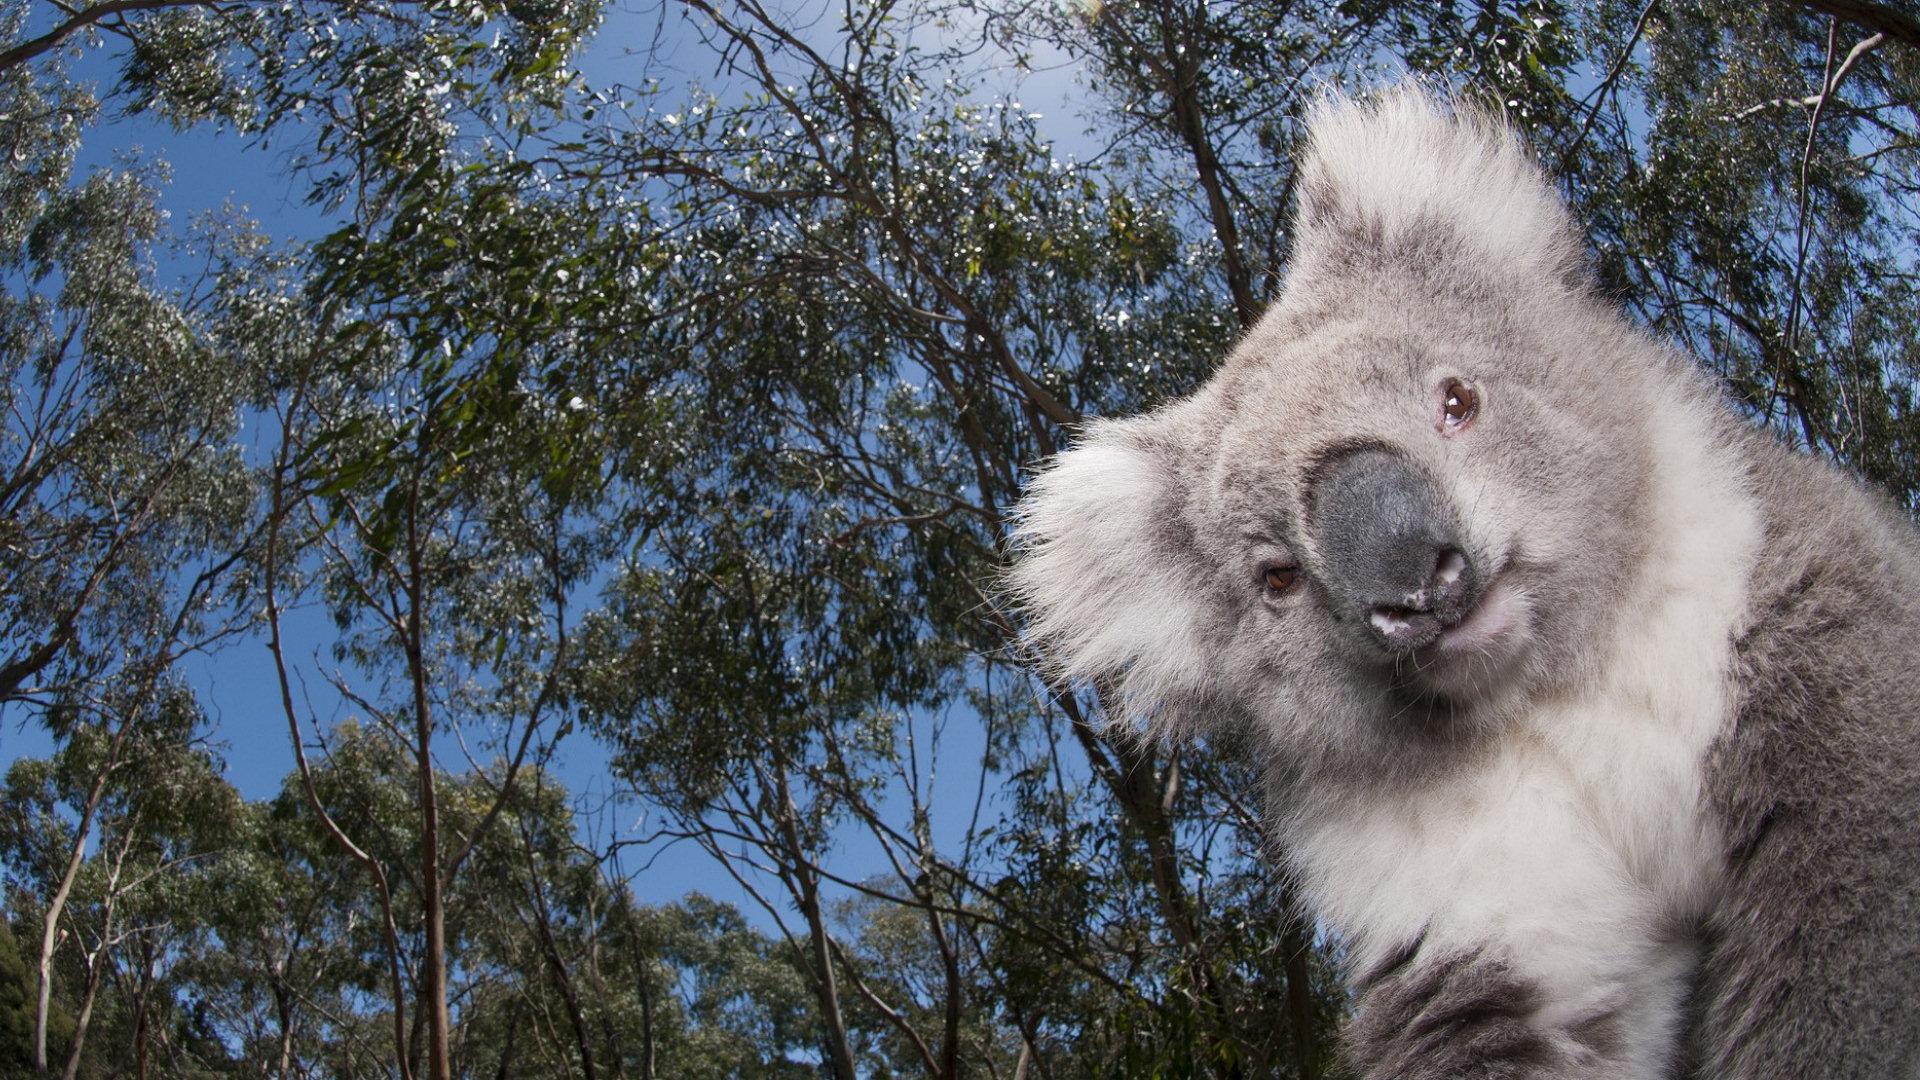 Cute Llama Wallpaper Desktop Koala Full Hd Wallpaper And Background 1920x1080 Id 260406